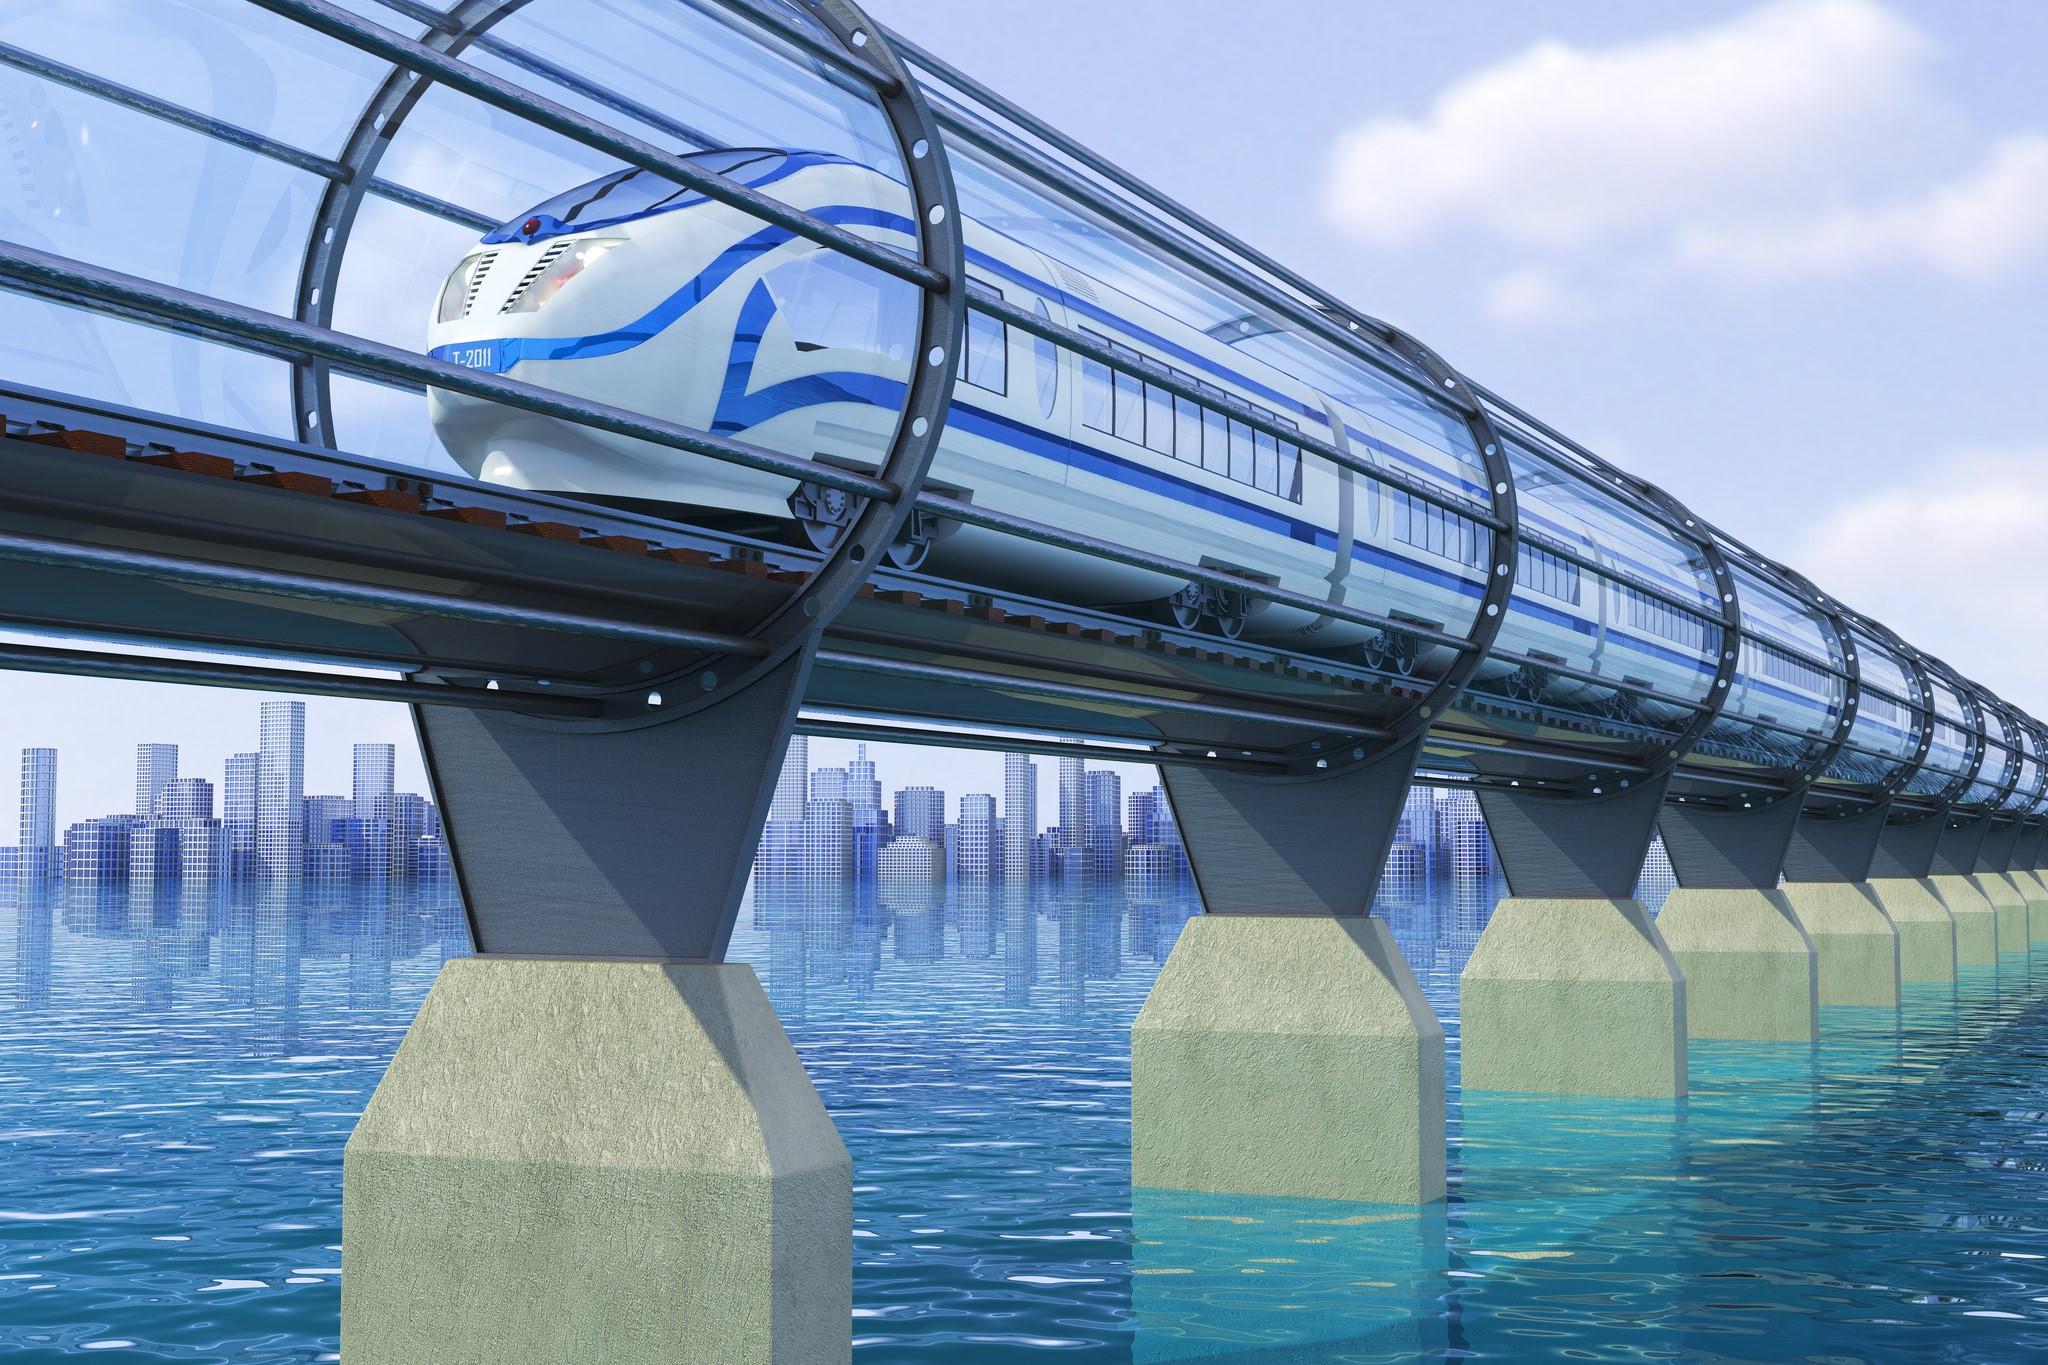 hyperloop speed train (Picture: iStock)